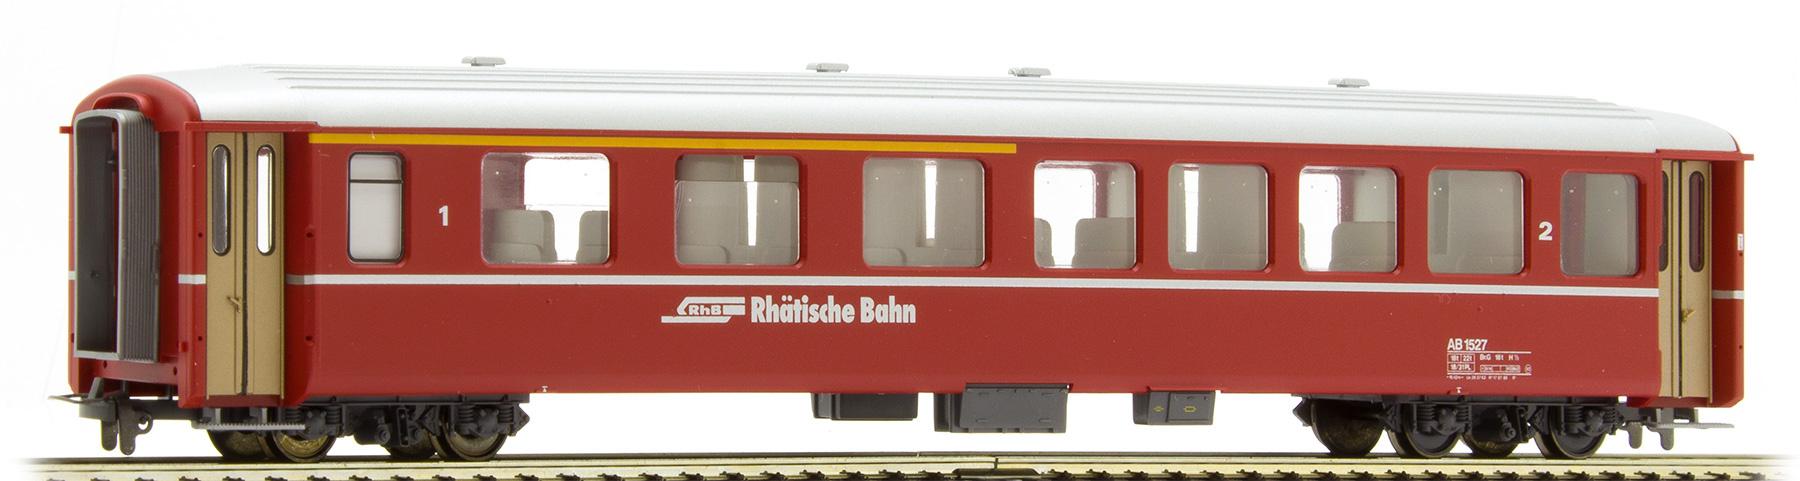 3251127 RhB AB 1527 EW I-1